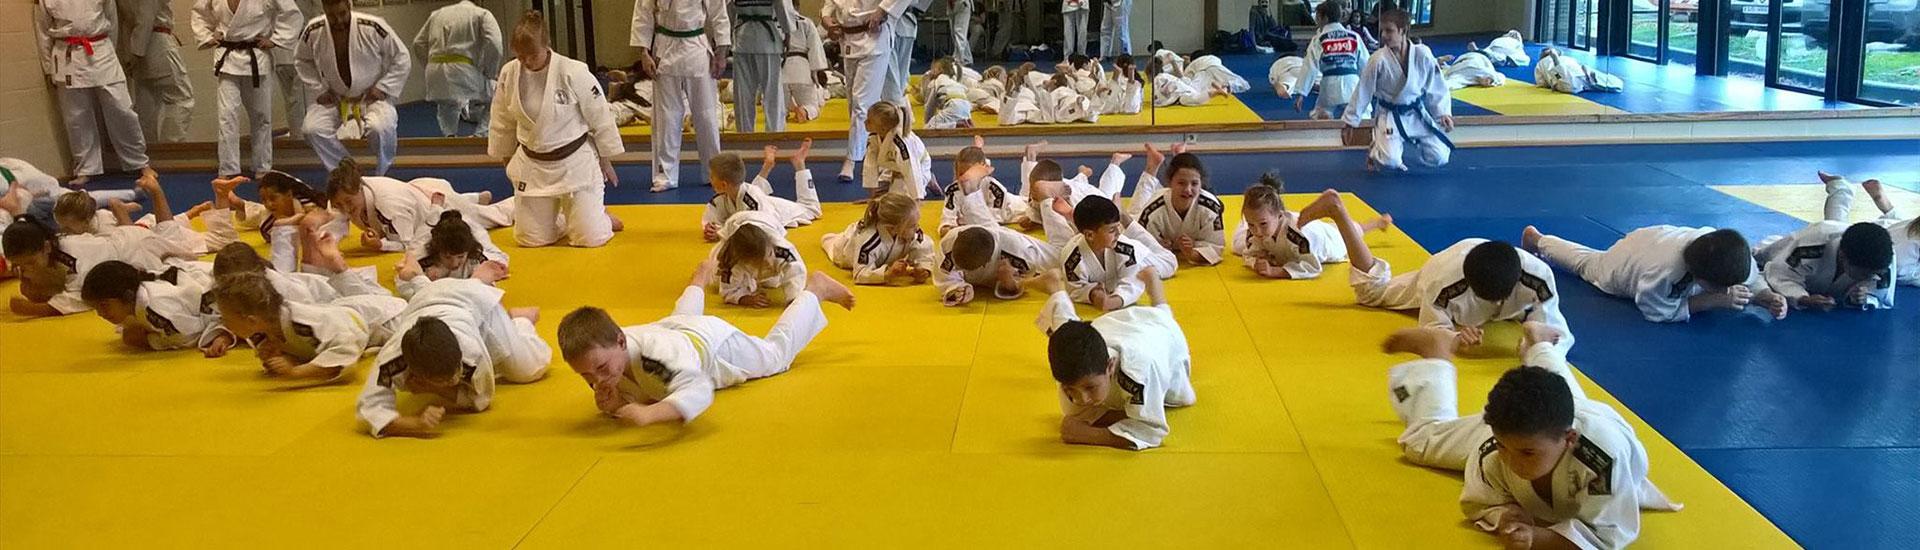 Herstart judotrainingen